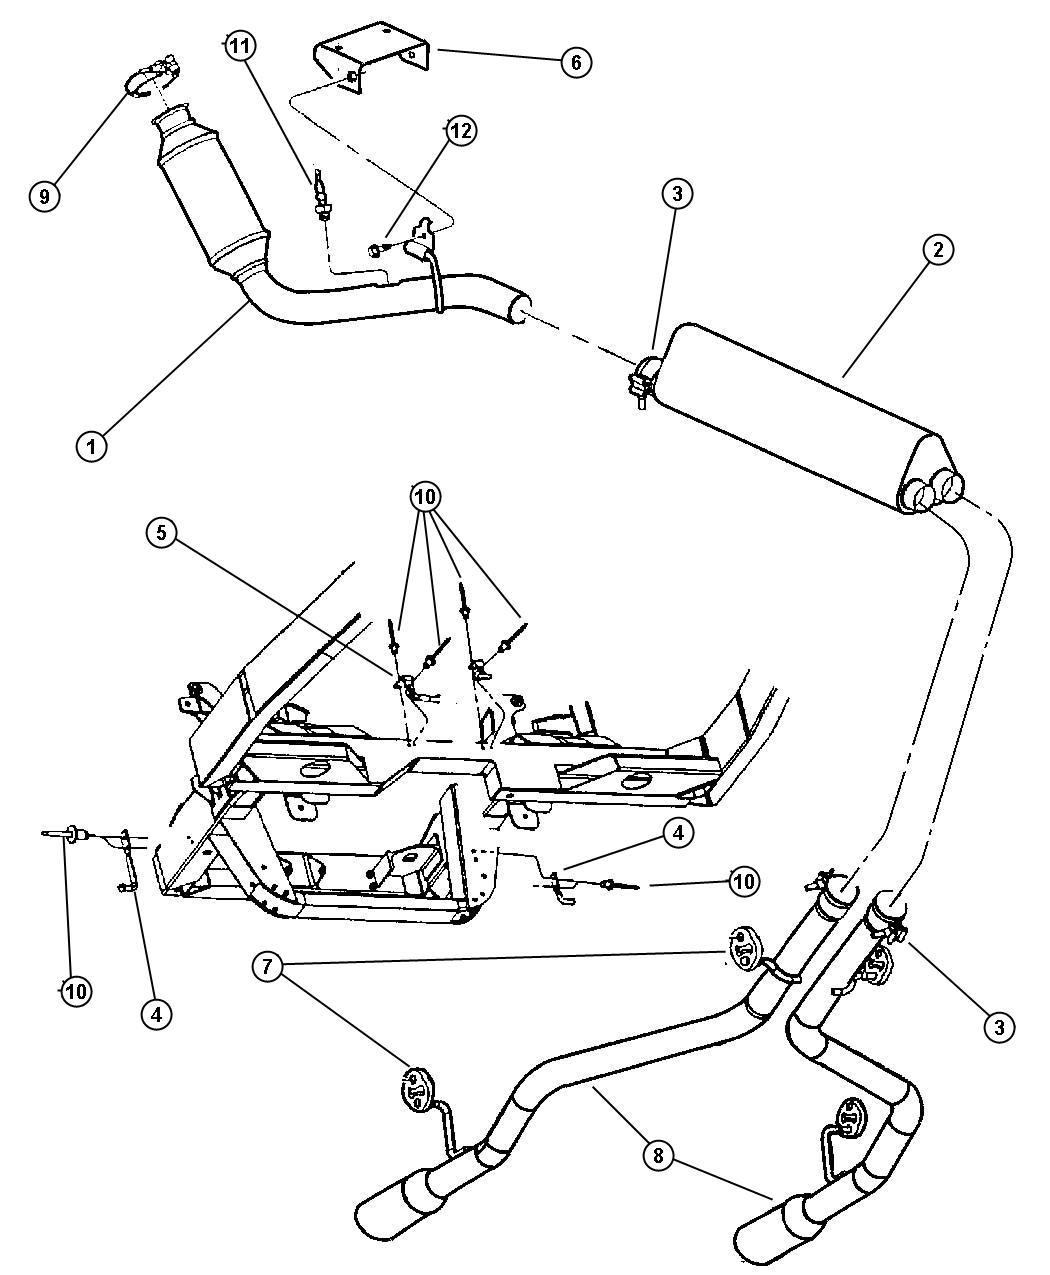 2000 Chrysler Cirrus Wiring Diagrams